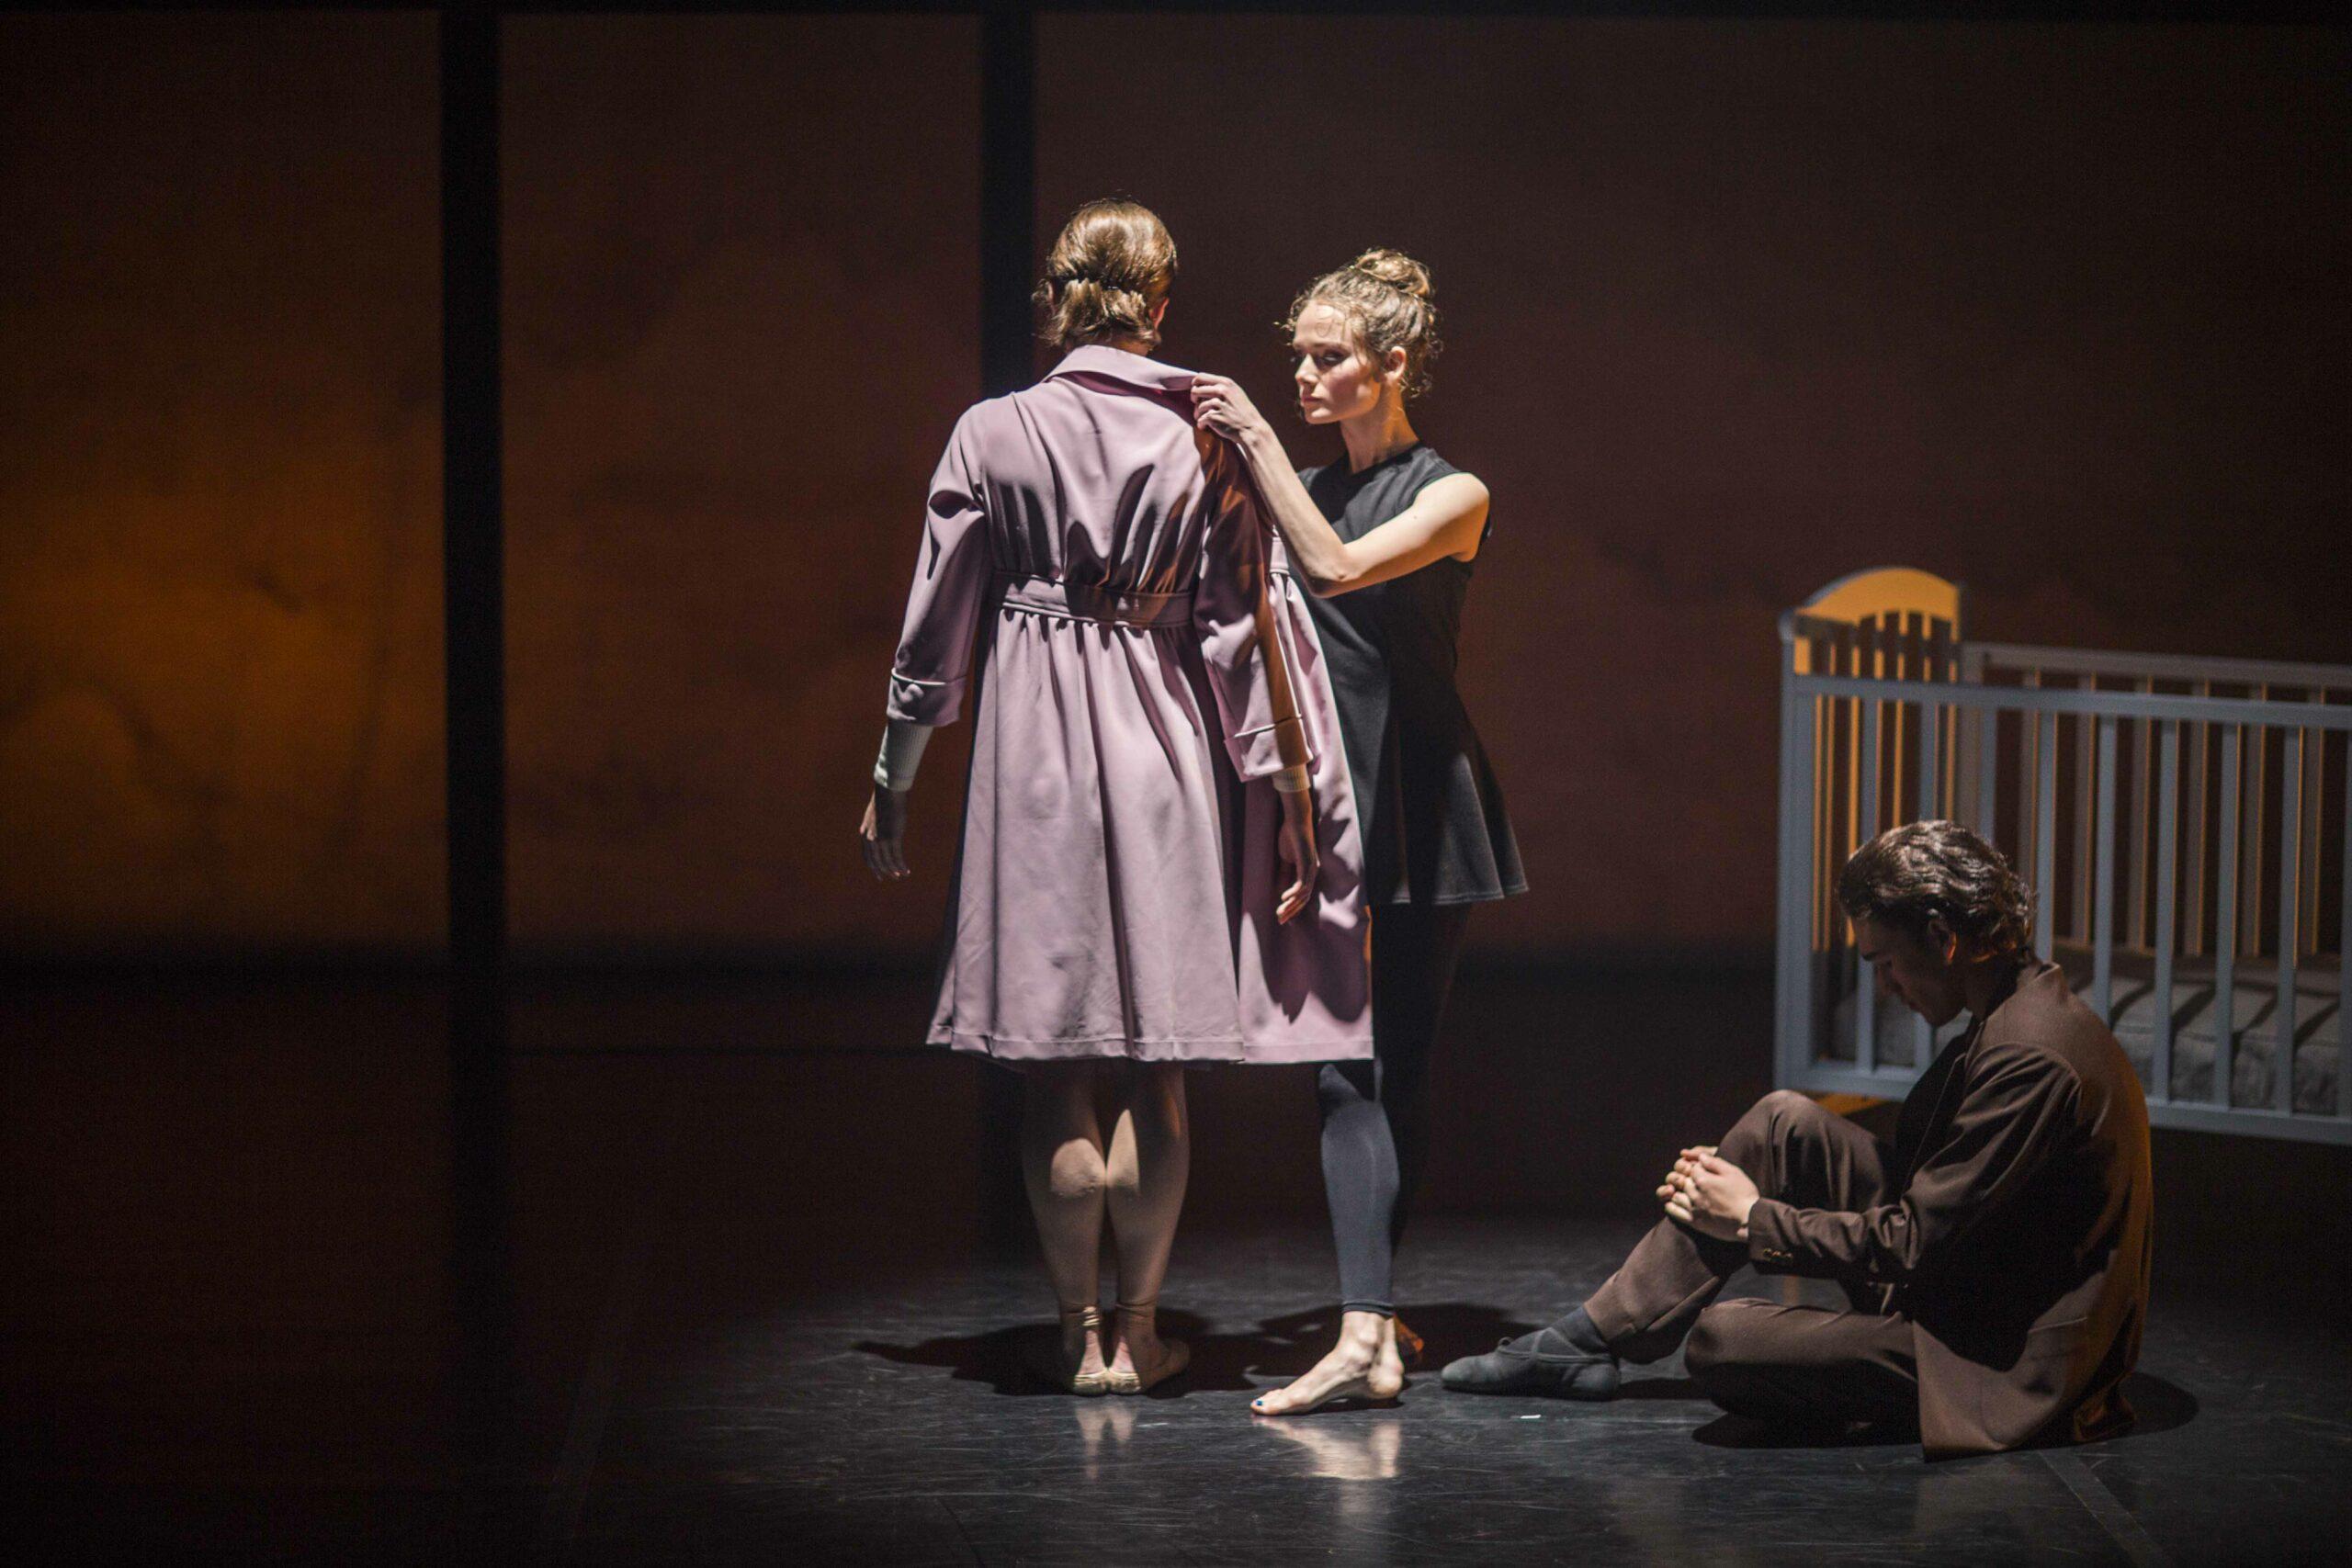 Театр «Балет Москва» представляет «Крейцерову сонату»